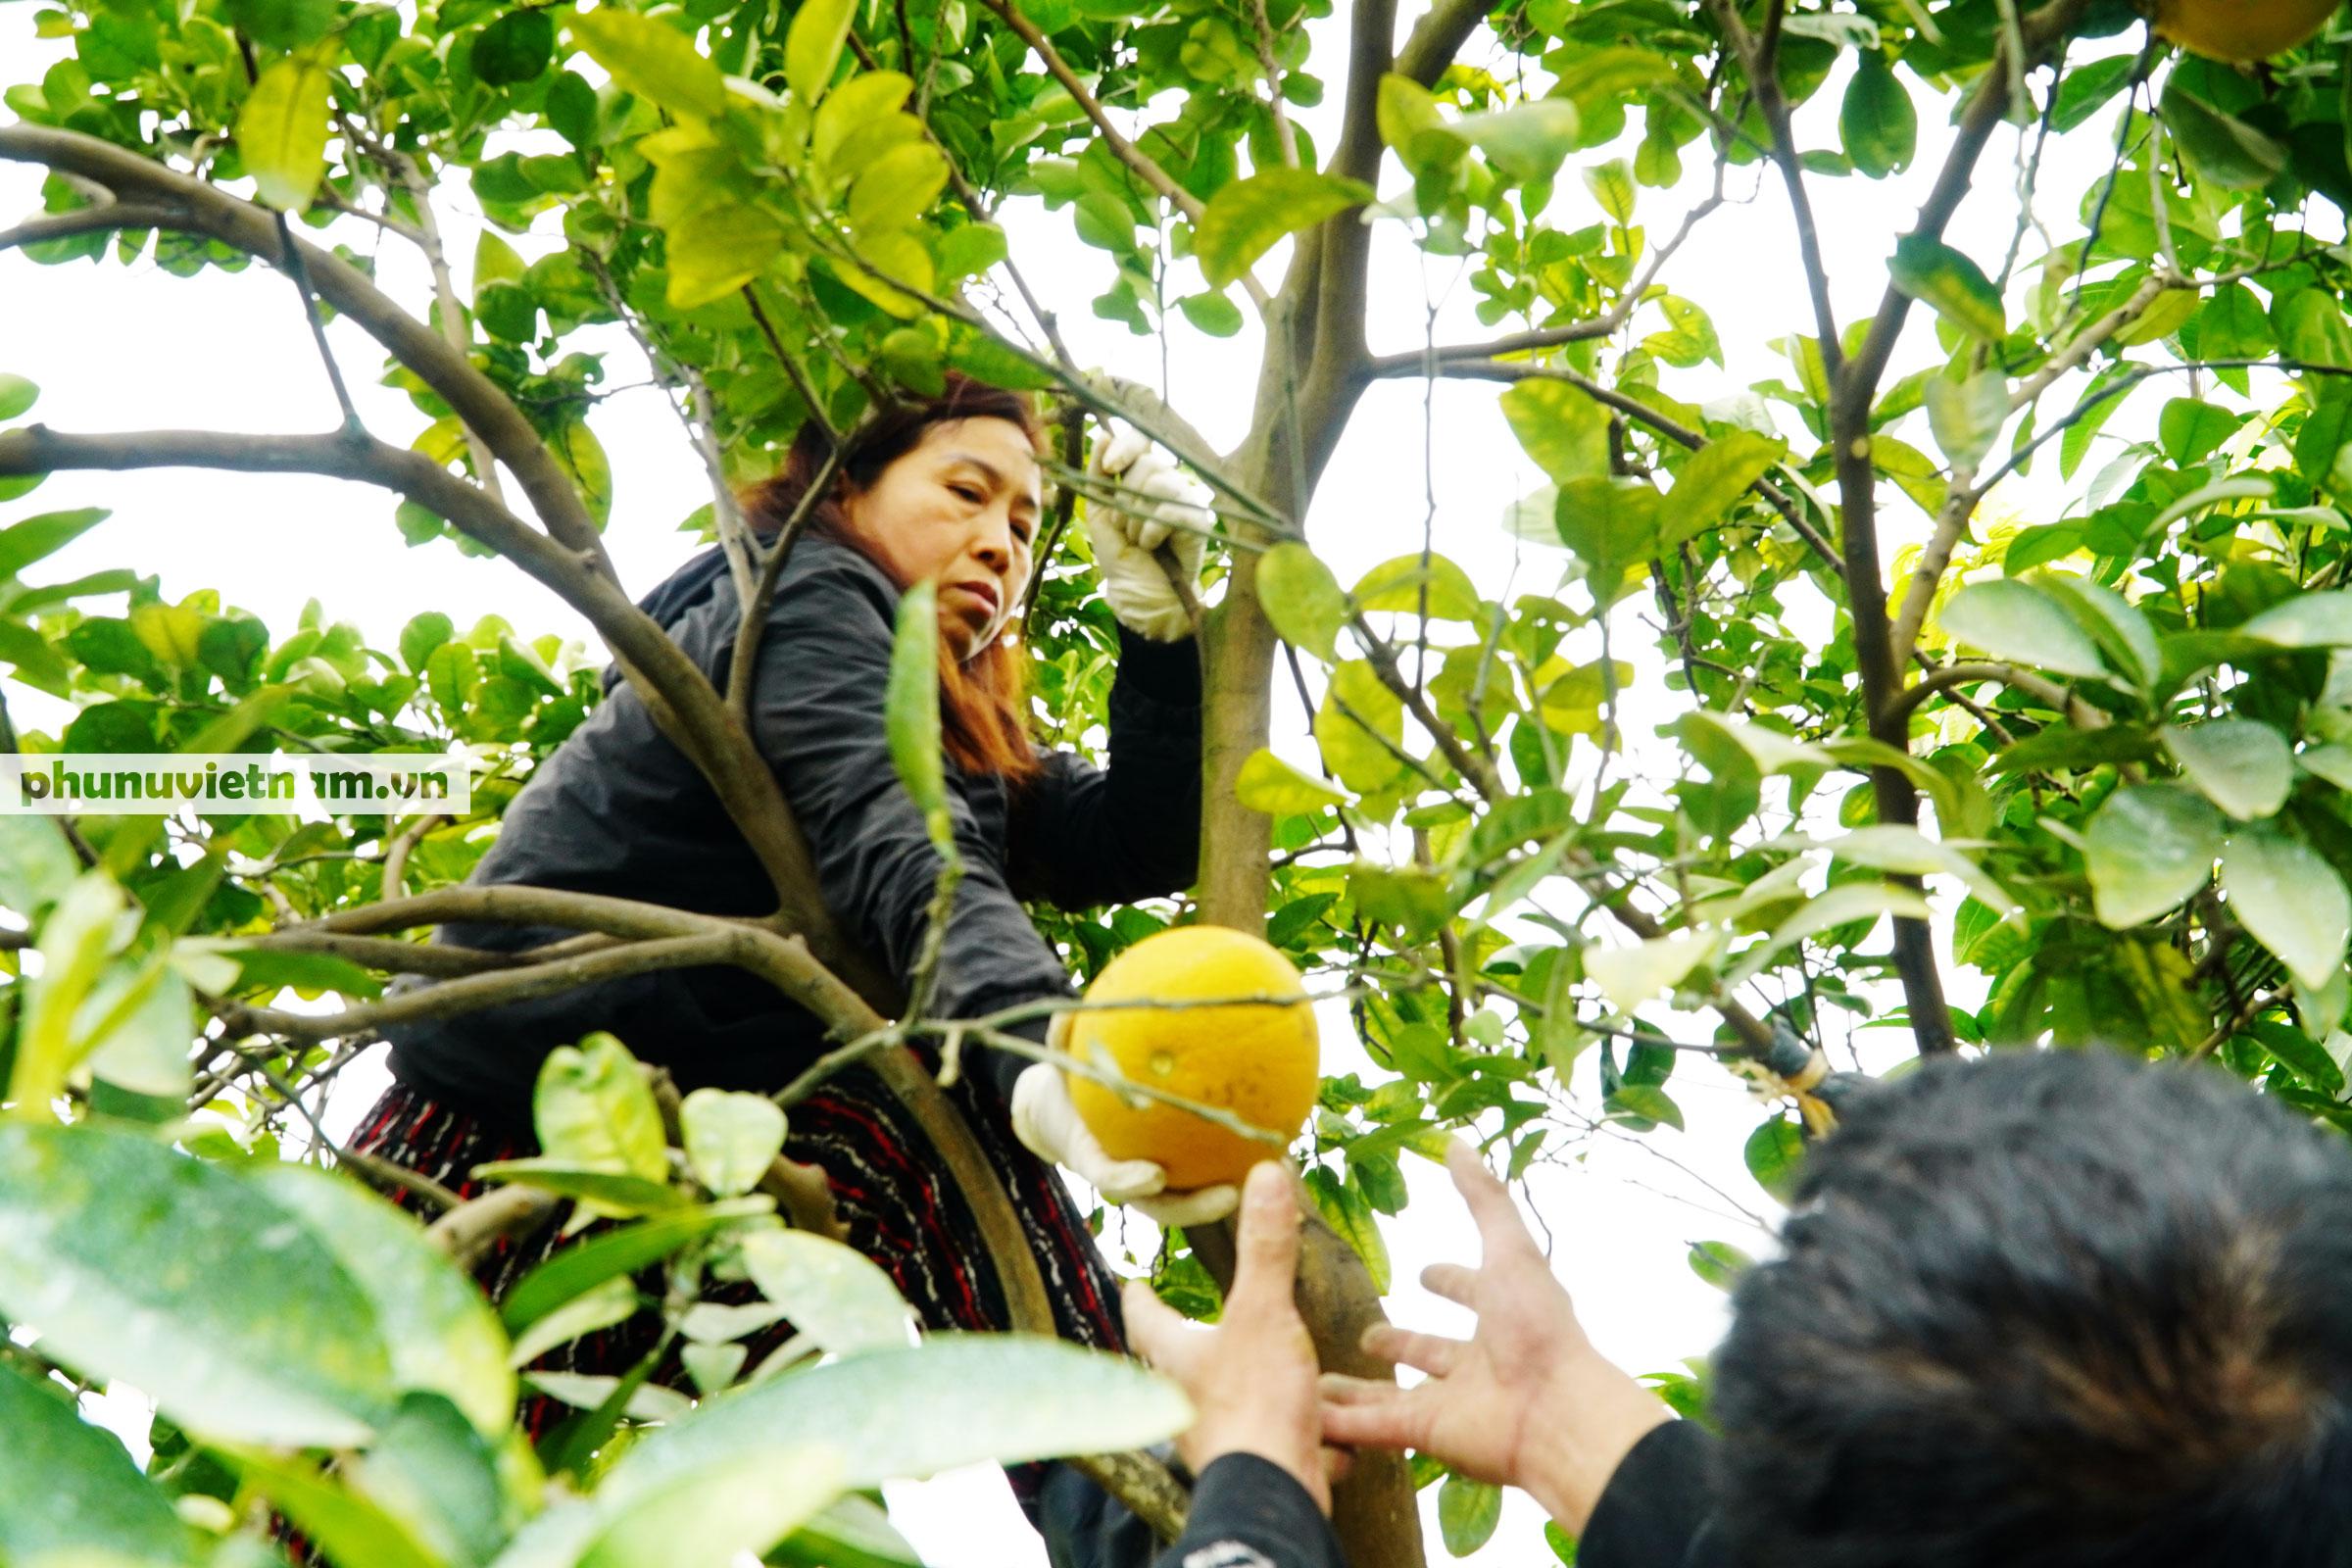 Vườn bưởi Diễn tuổi 30, chi chít cả trăm quả chào Xuân Tân Sửu - Ảnh 7.